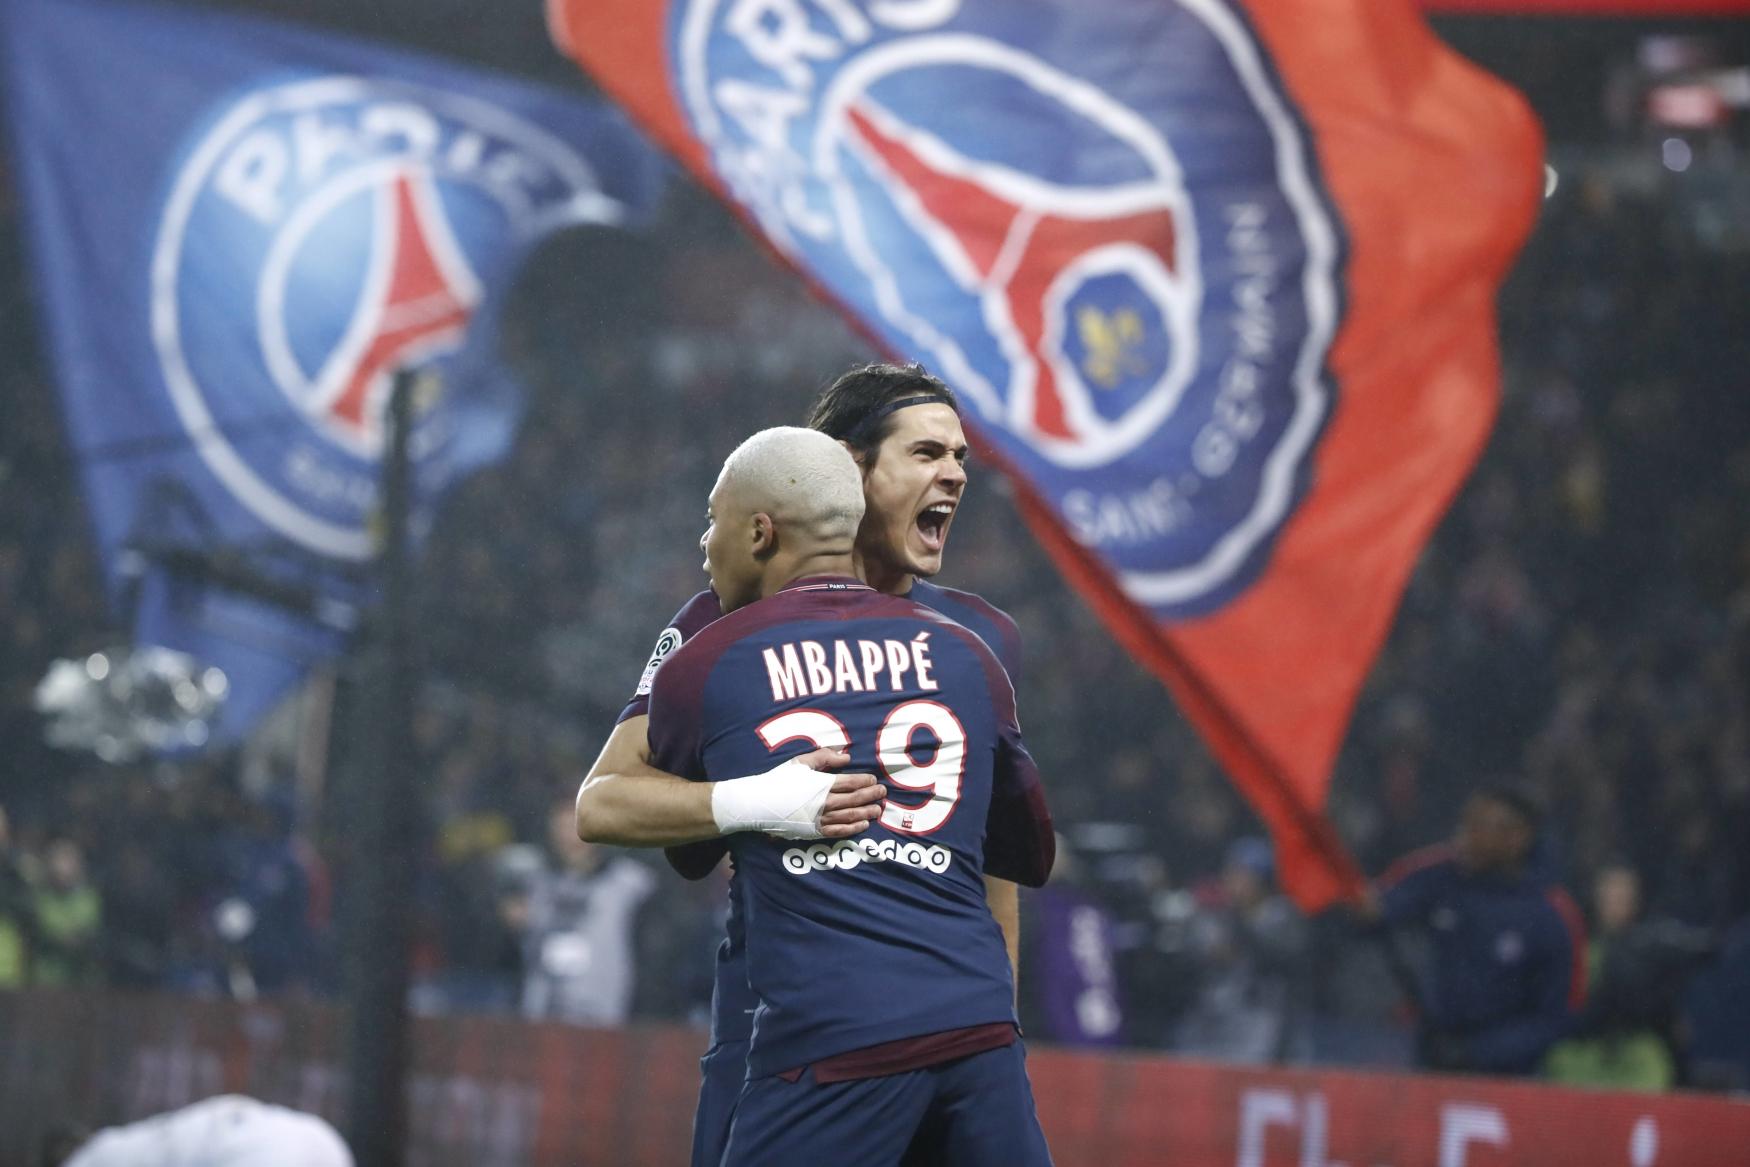 PREVIEW - 18. kolo francouzské Ligue 1